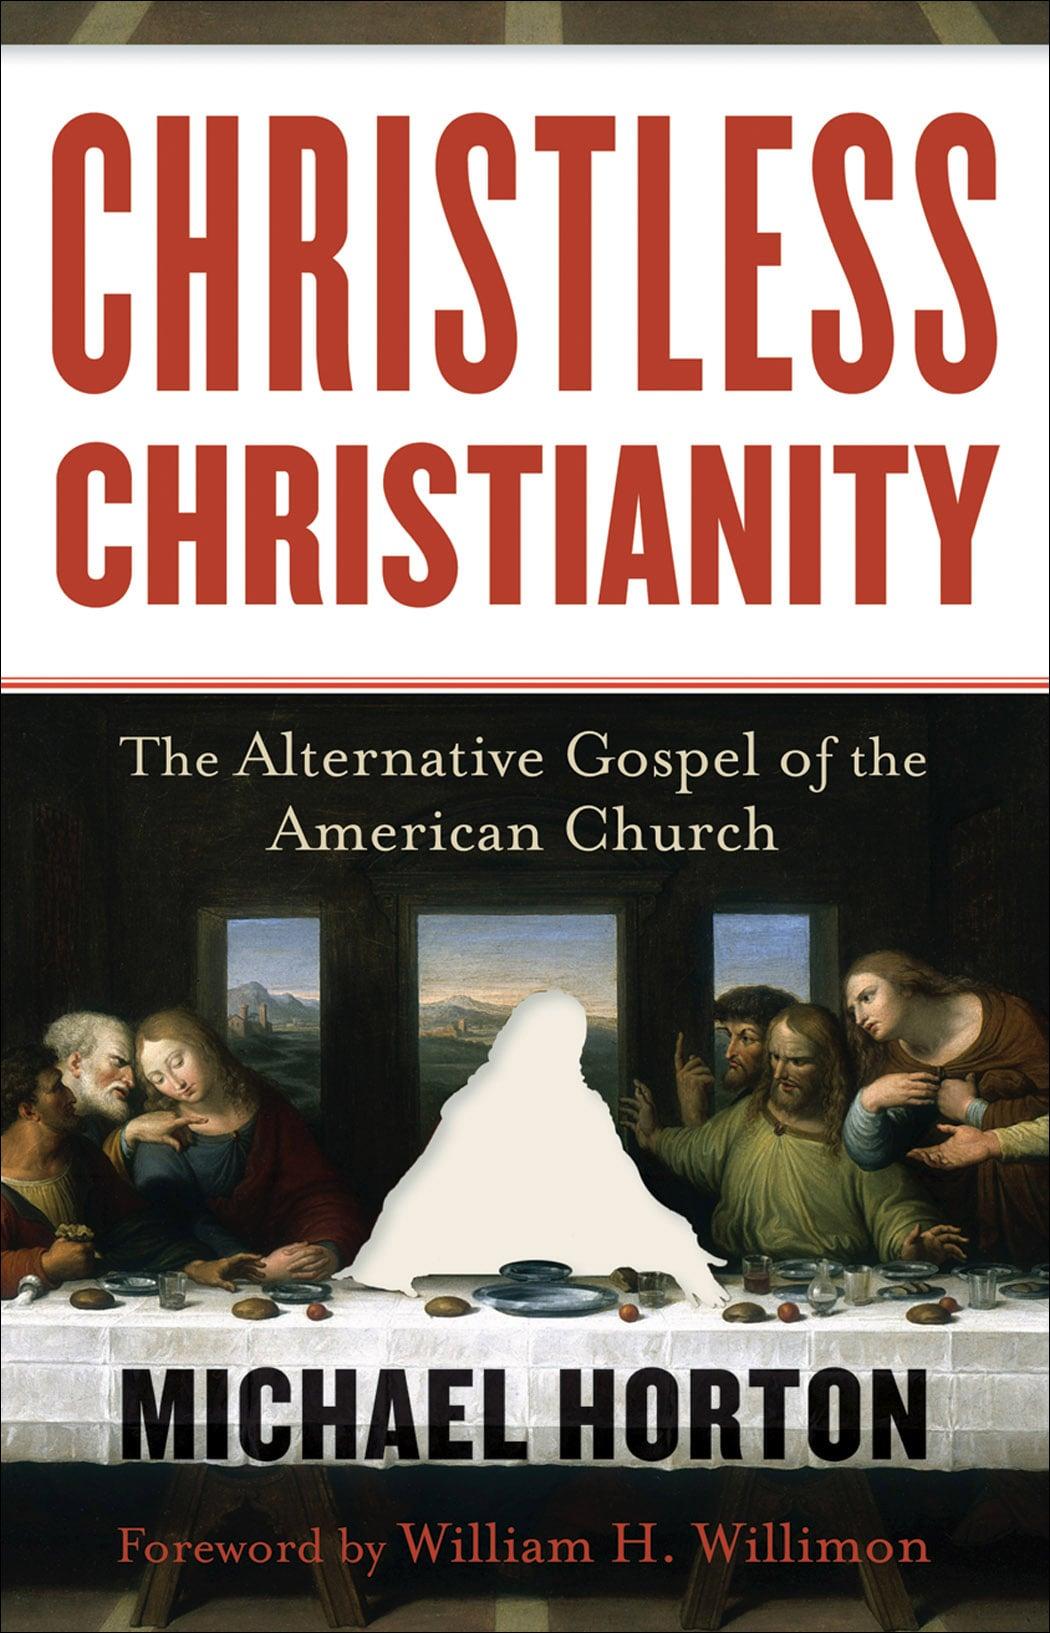 Christless_Christianity.jpg